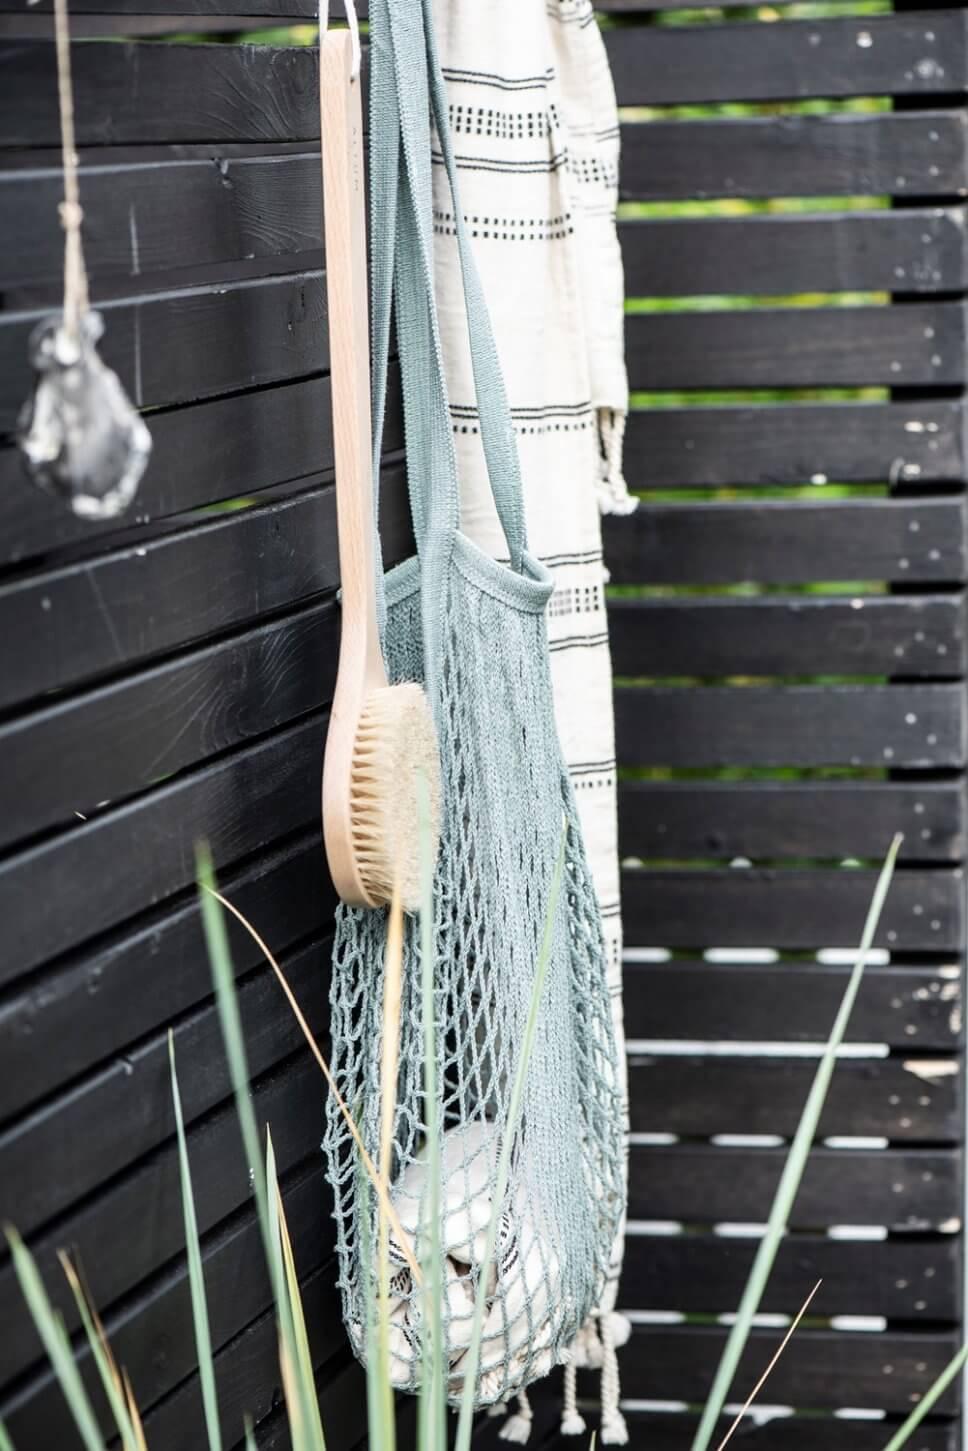 Handtuch und Holzbürste hängen an schwarzem Holzsichtschutz einer Außendusche